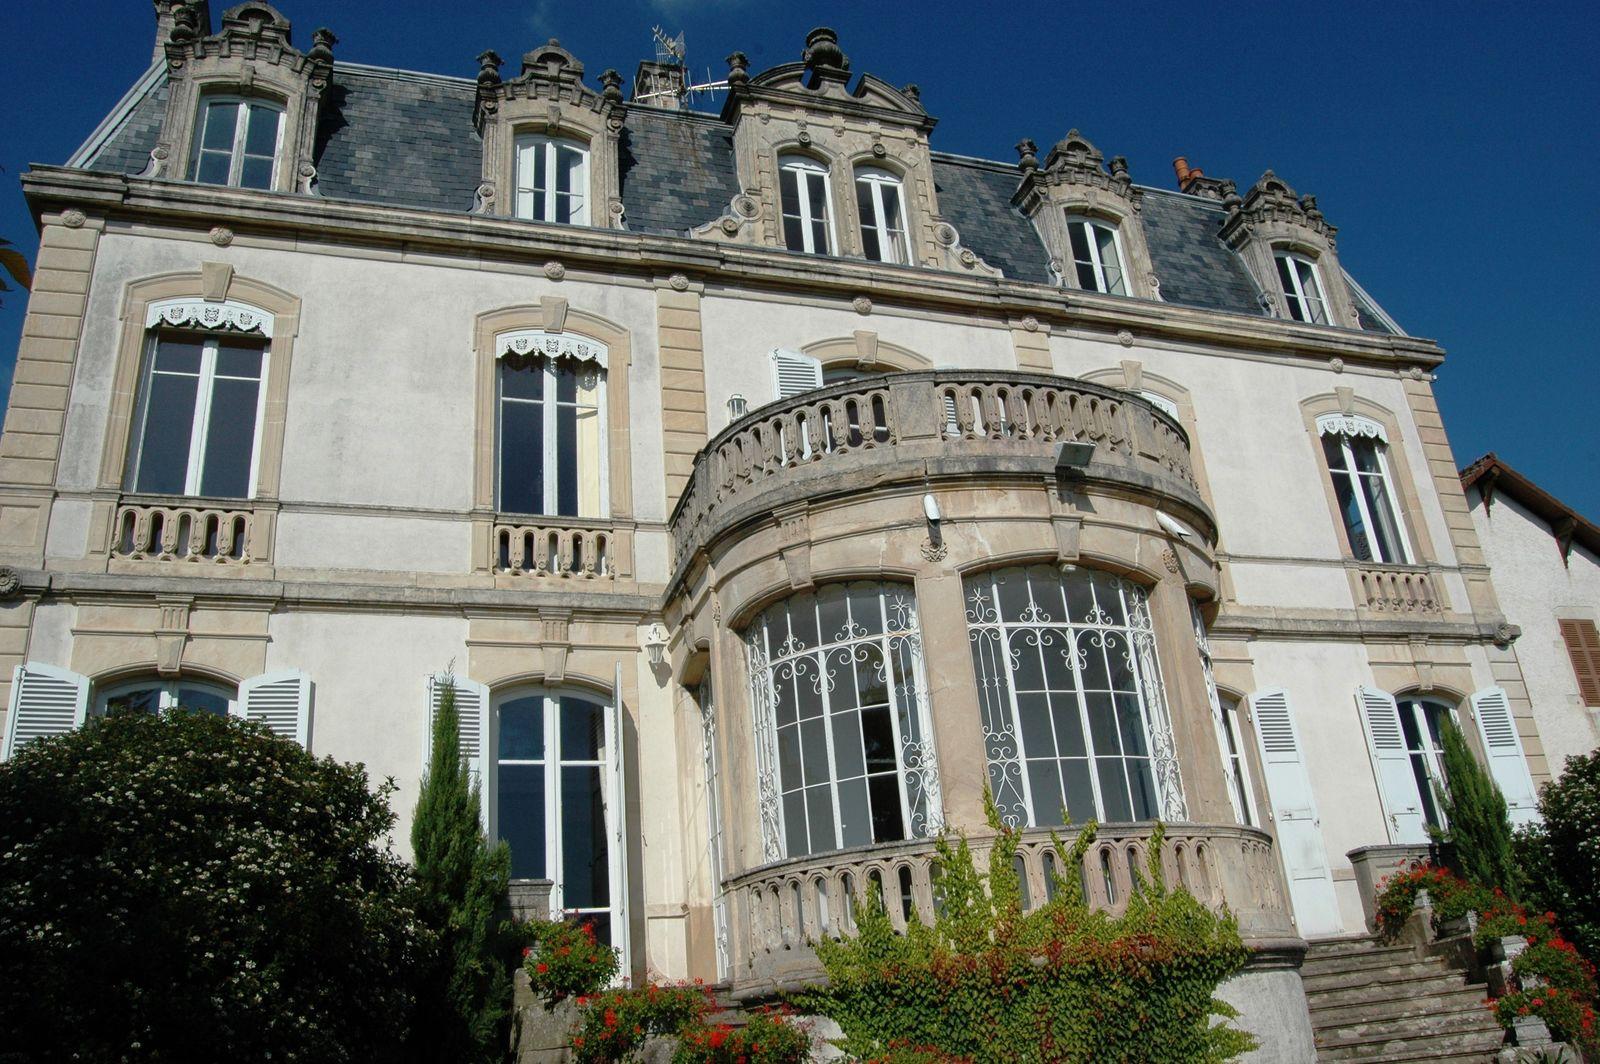 Afbeelding van Château Christophe Bourgogne - kasteelvakantie Frankrijk